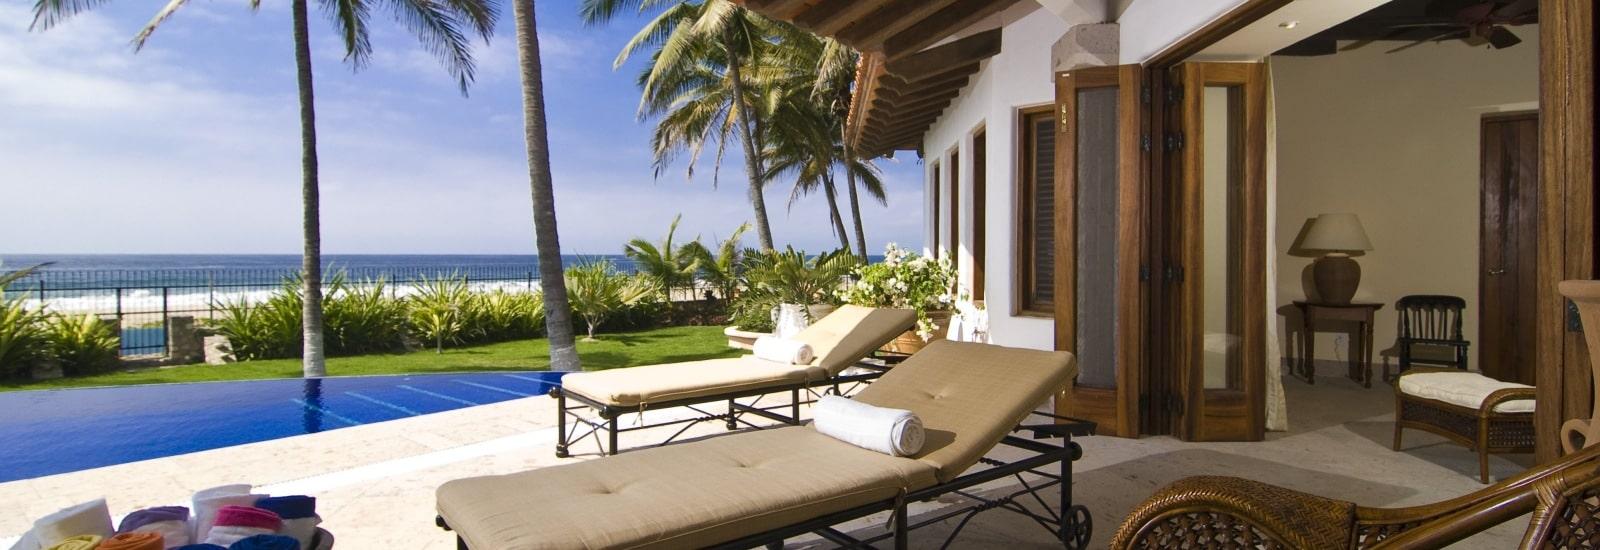 luxury-pool-punta-mita-mexico